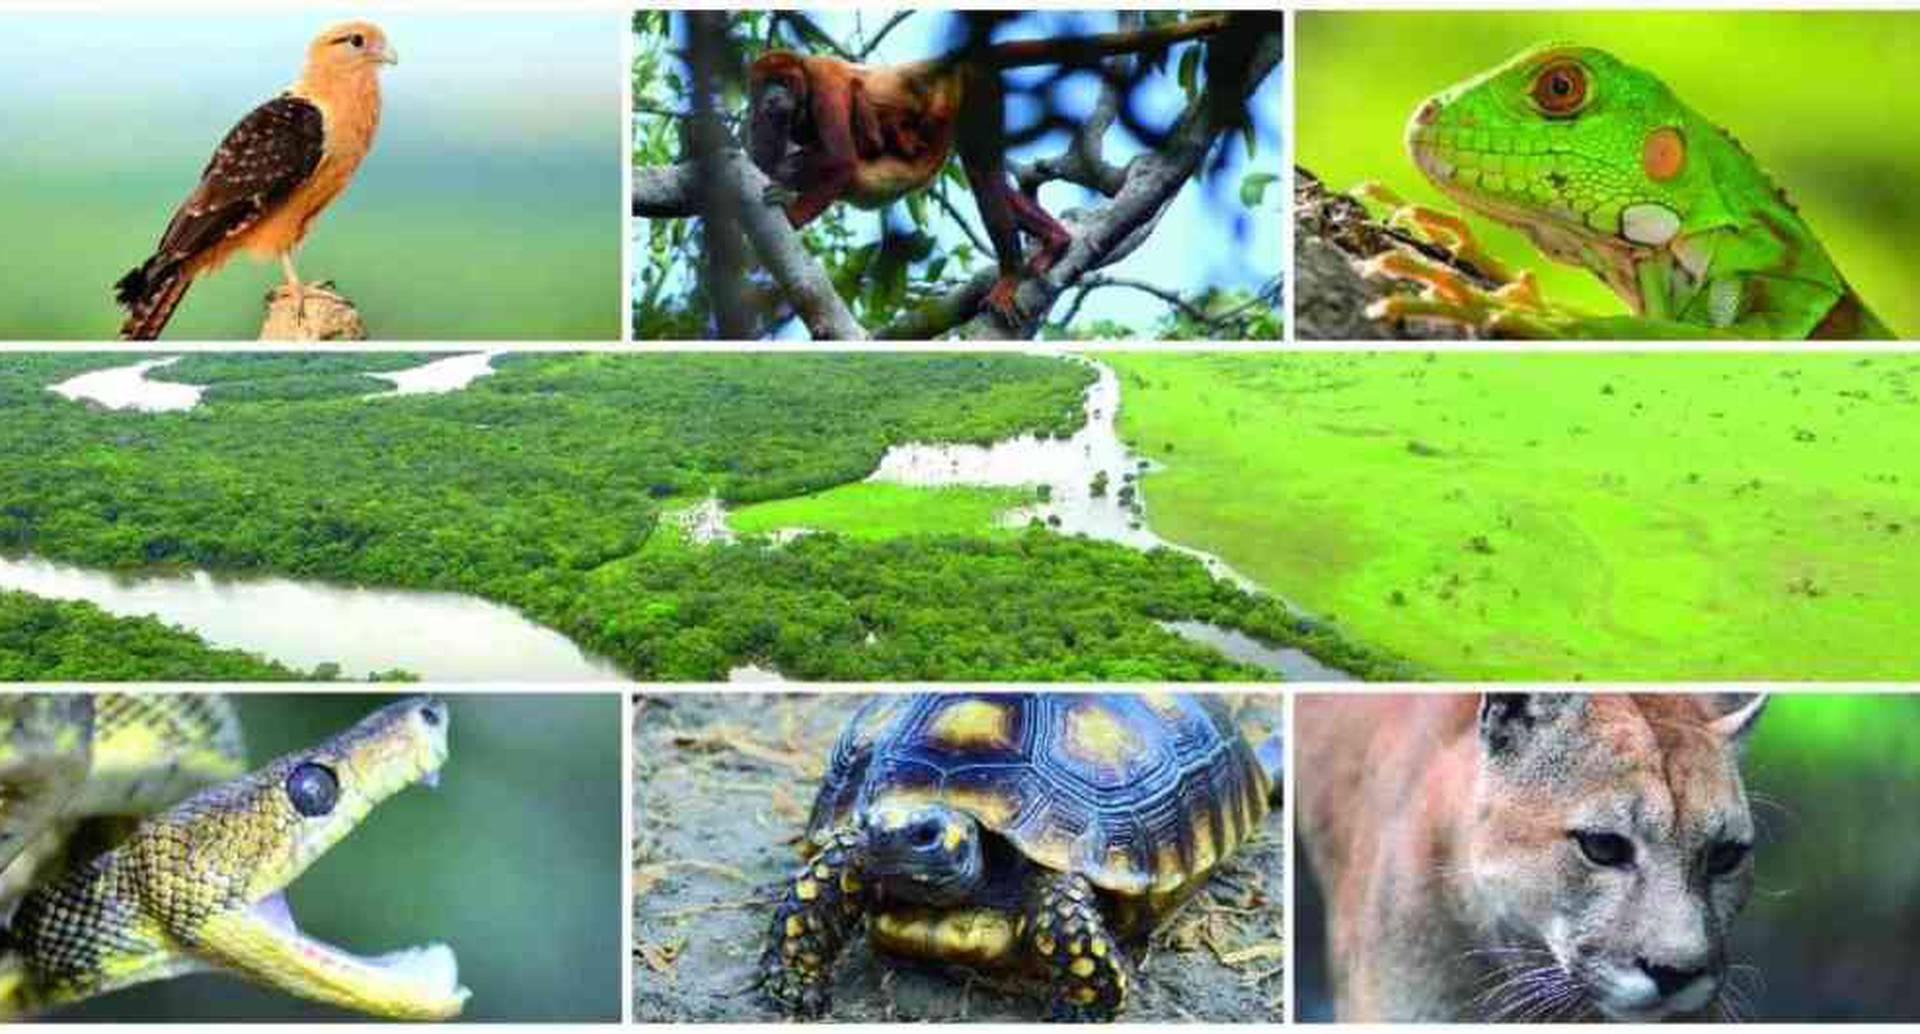 La pérdida de biodiversidad pone en riesgo la alimentación, la salud y el medio ambiente. Esta muestra es del río Bita en la Cuenca del Orinoco. Foto montaje: archivo/Semana